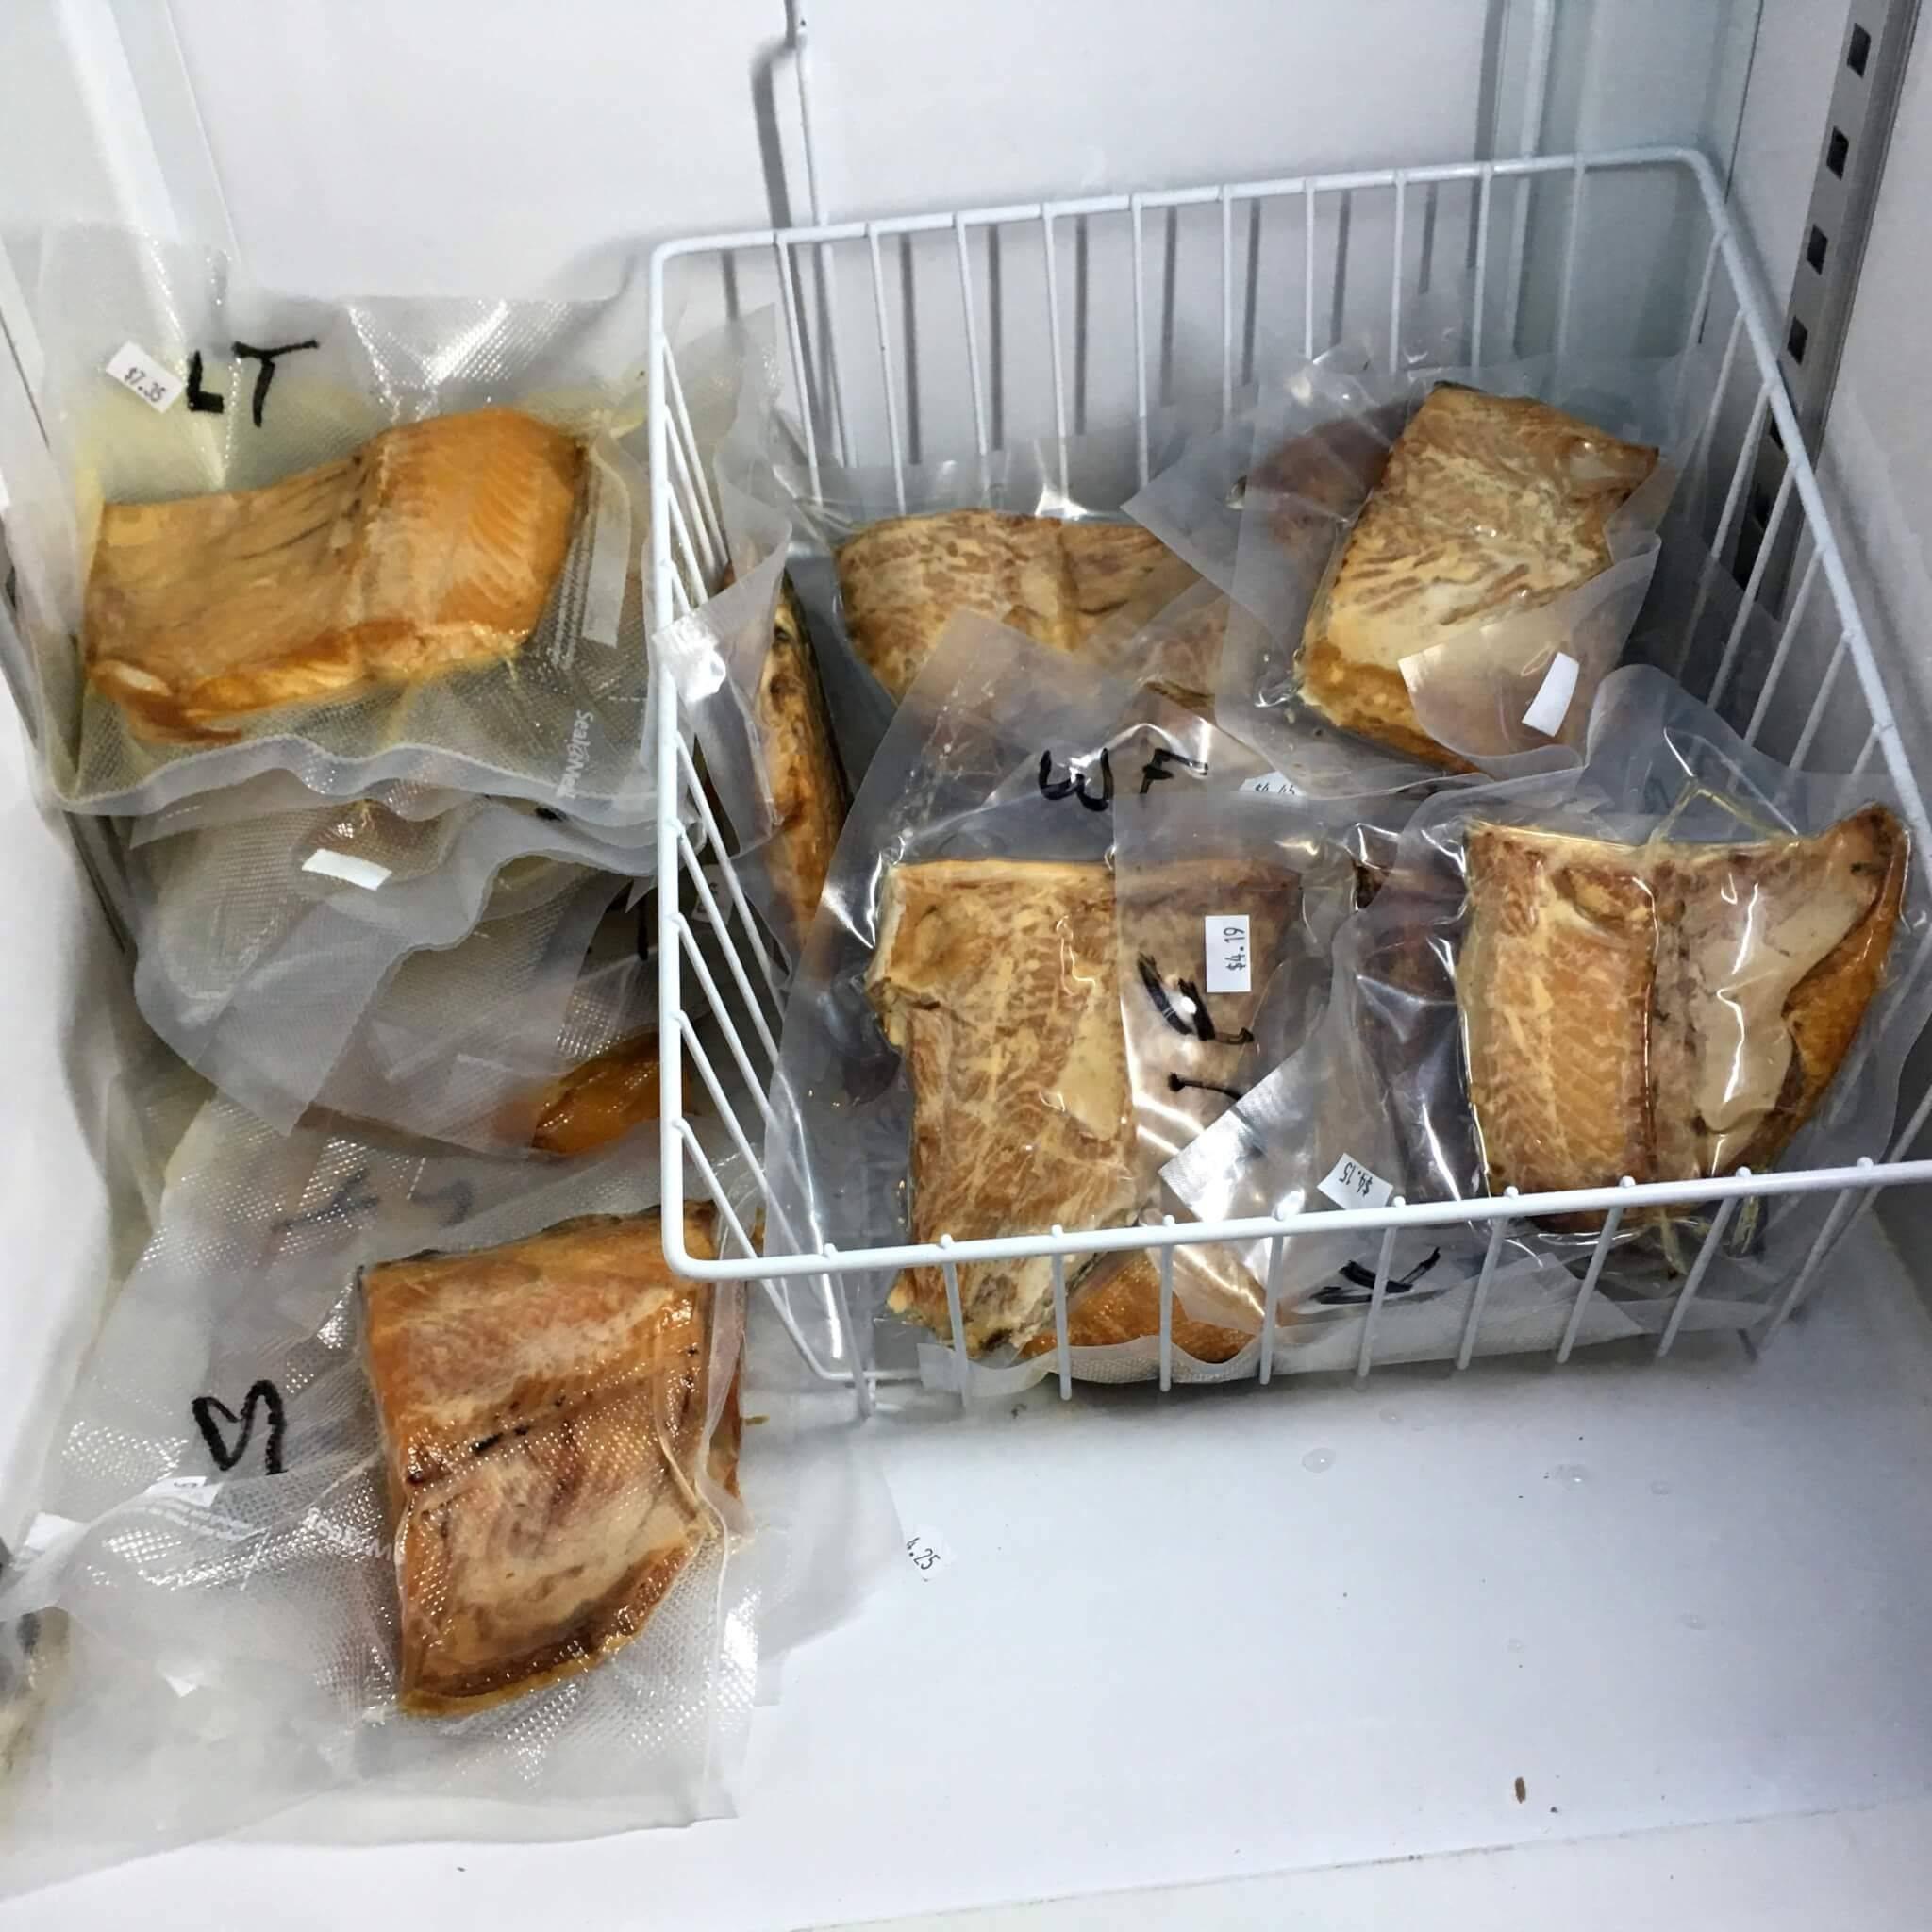 Как хранить кокос в свежем виде, срок годности стружки и молока, правила хранения кокосового масла